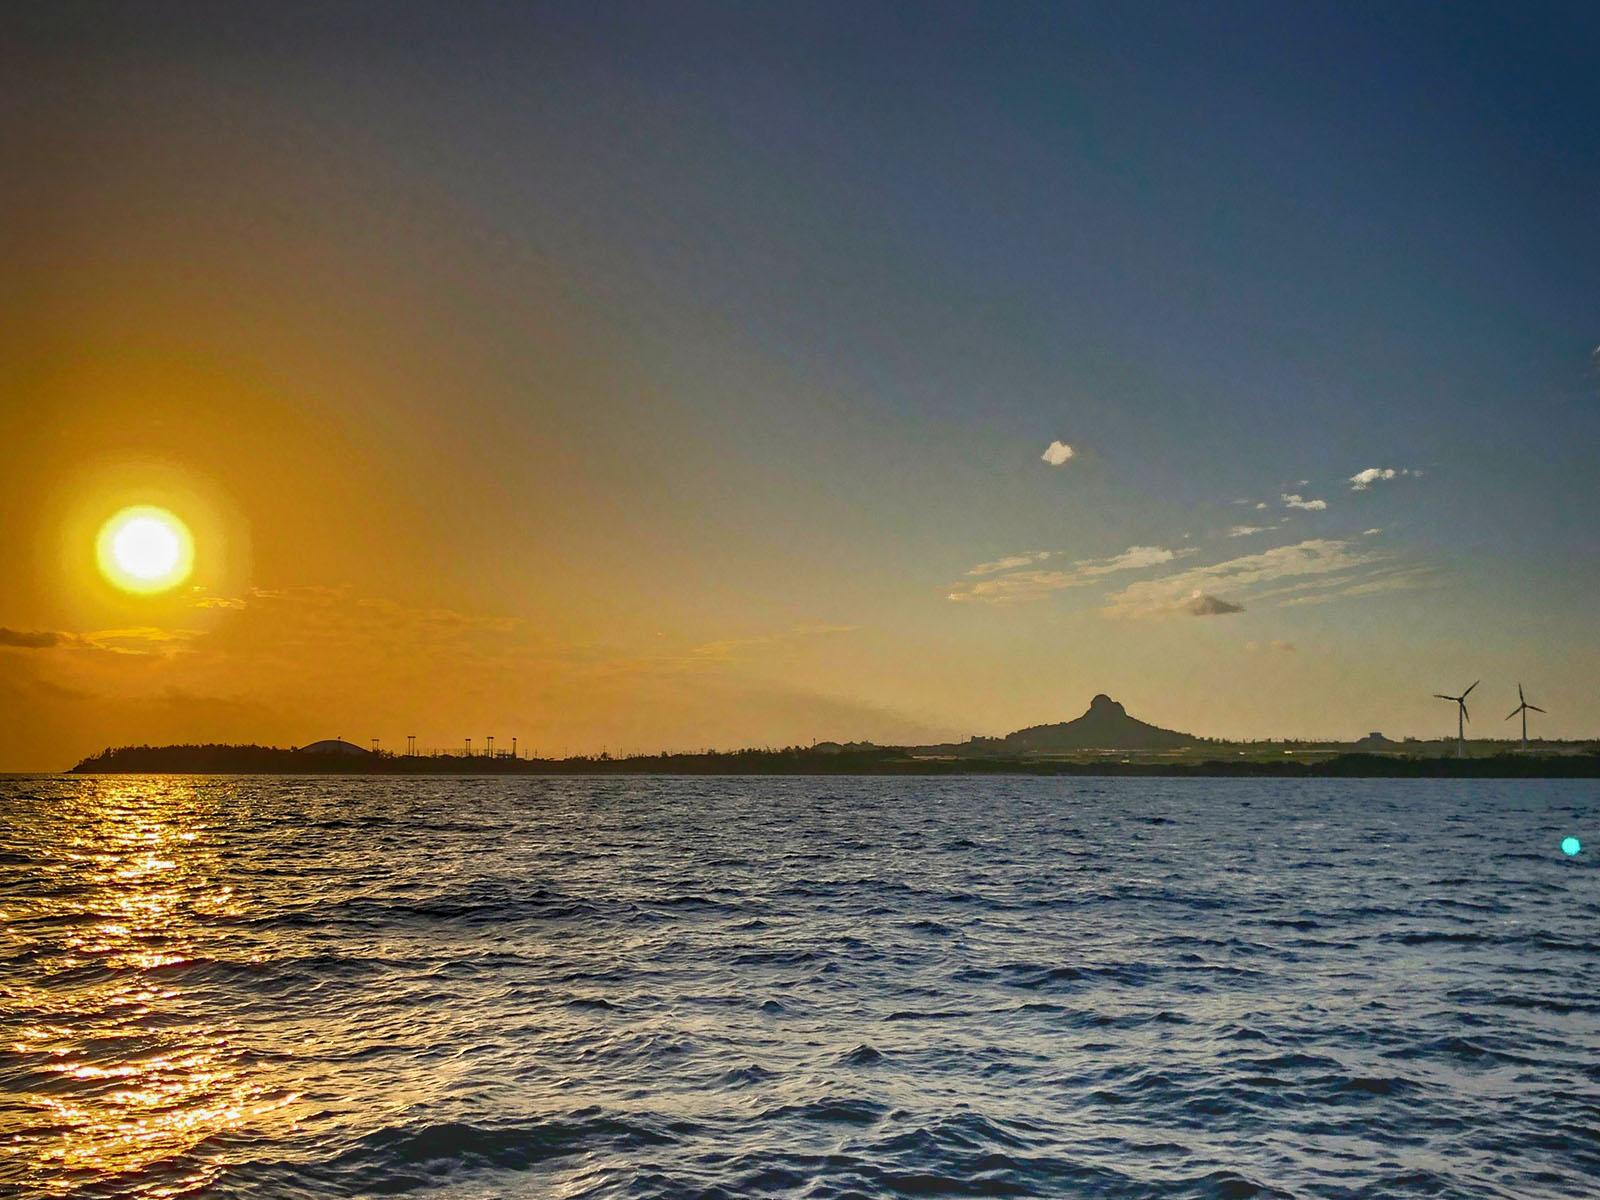 伊江島ツアー 2日目「伊江島で海、食、夜空のアクティビティ」